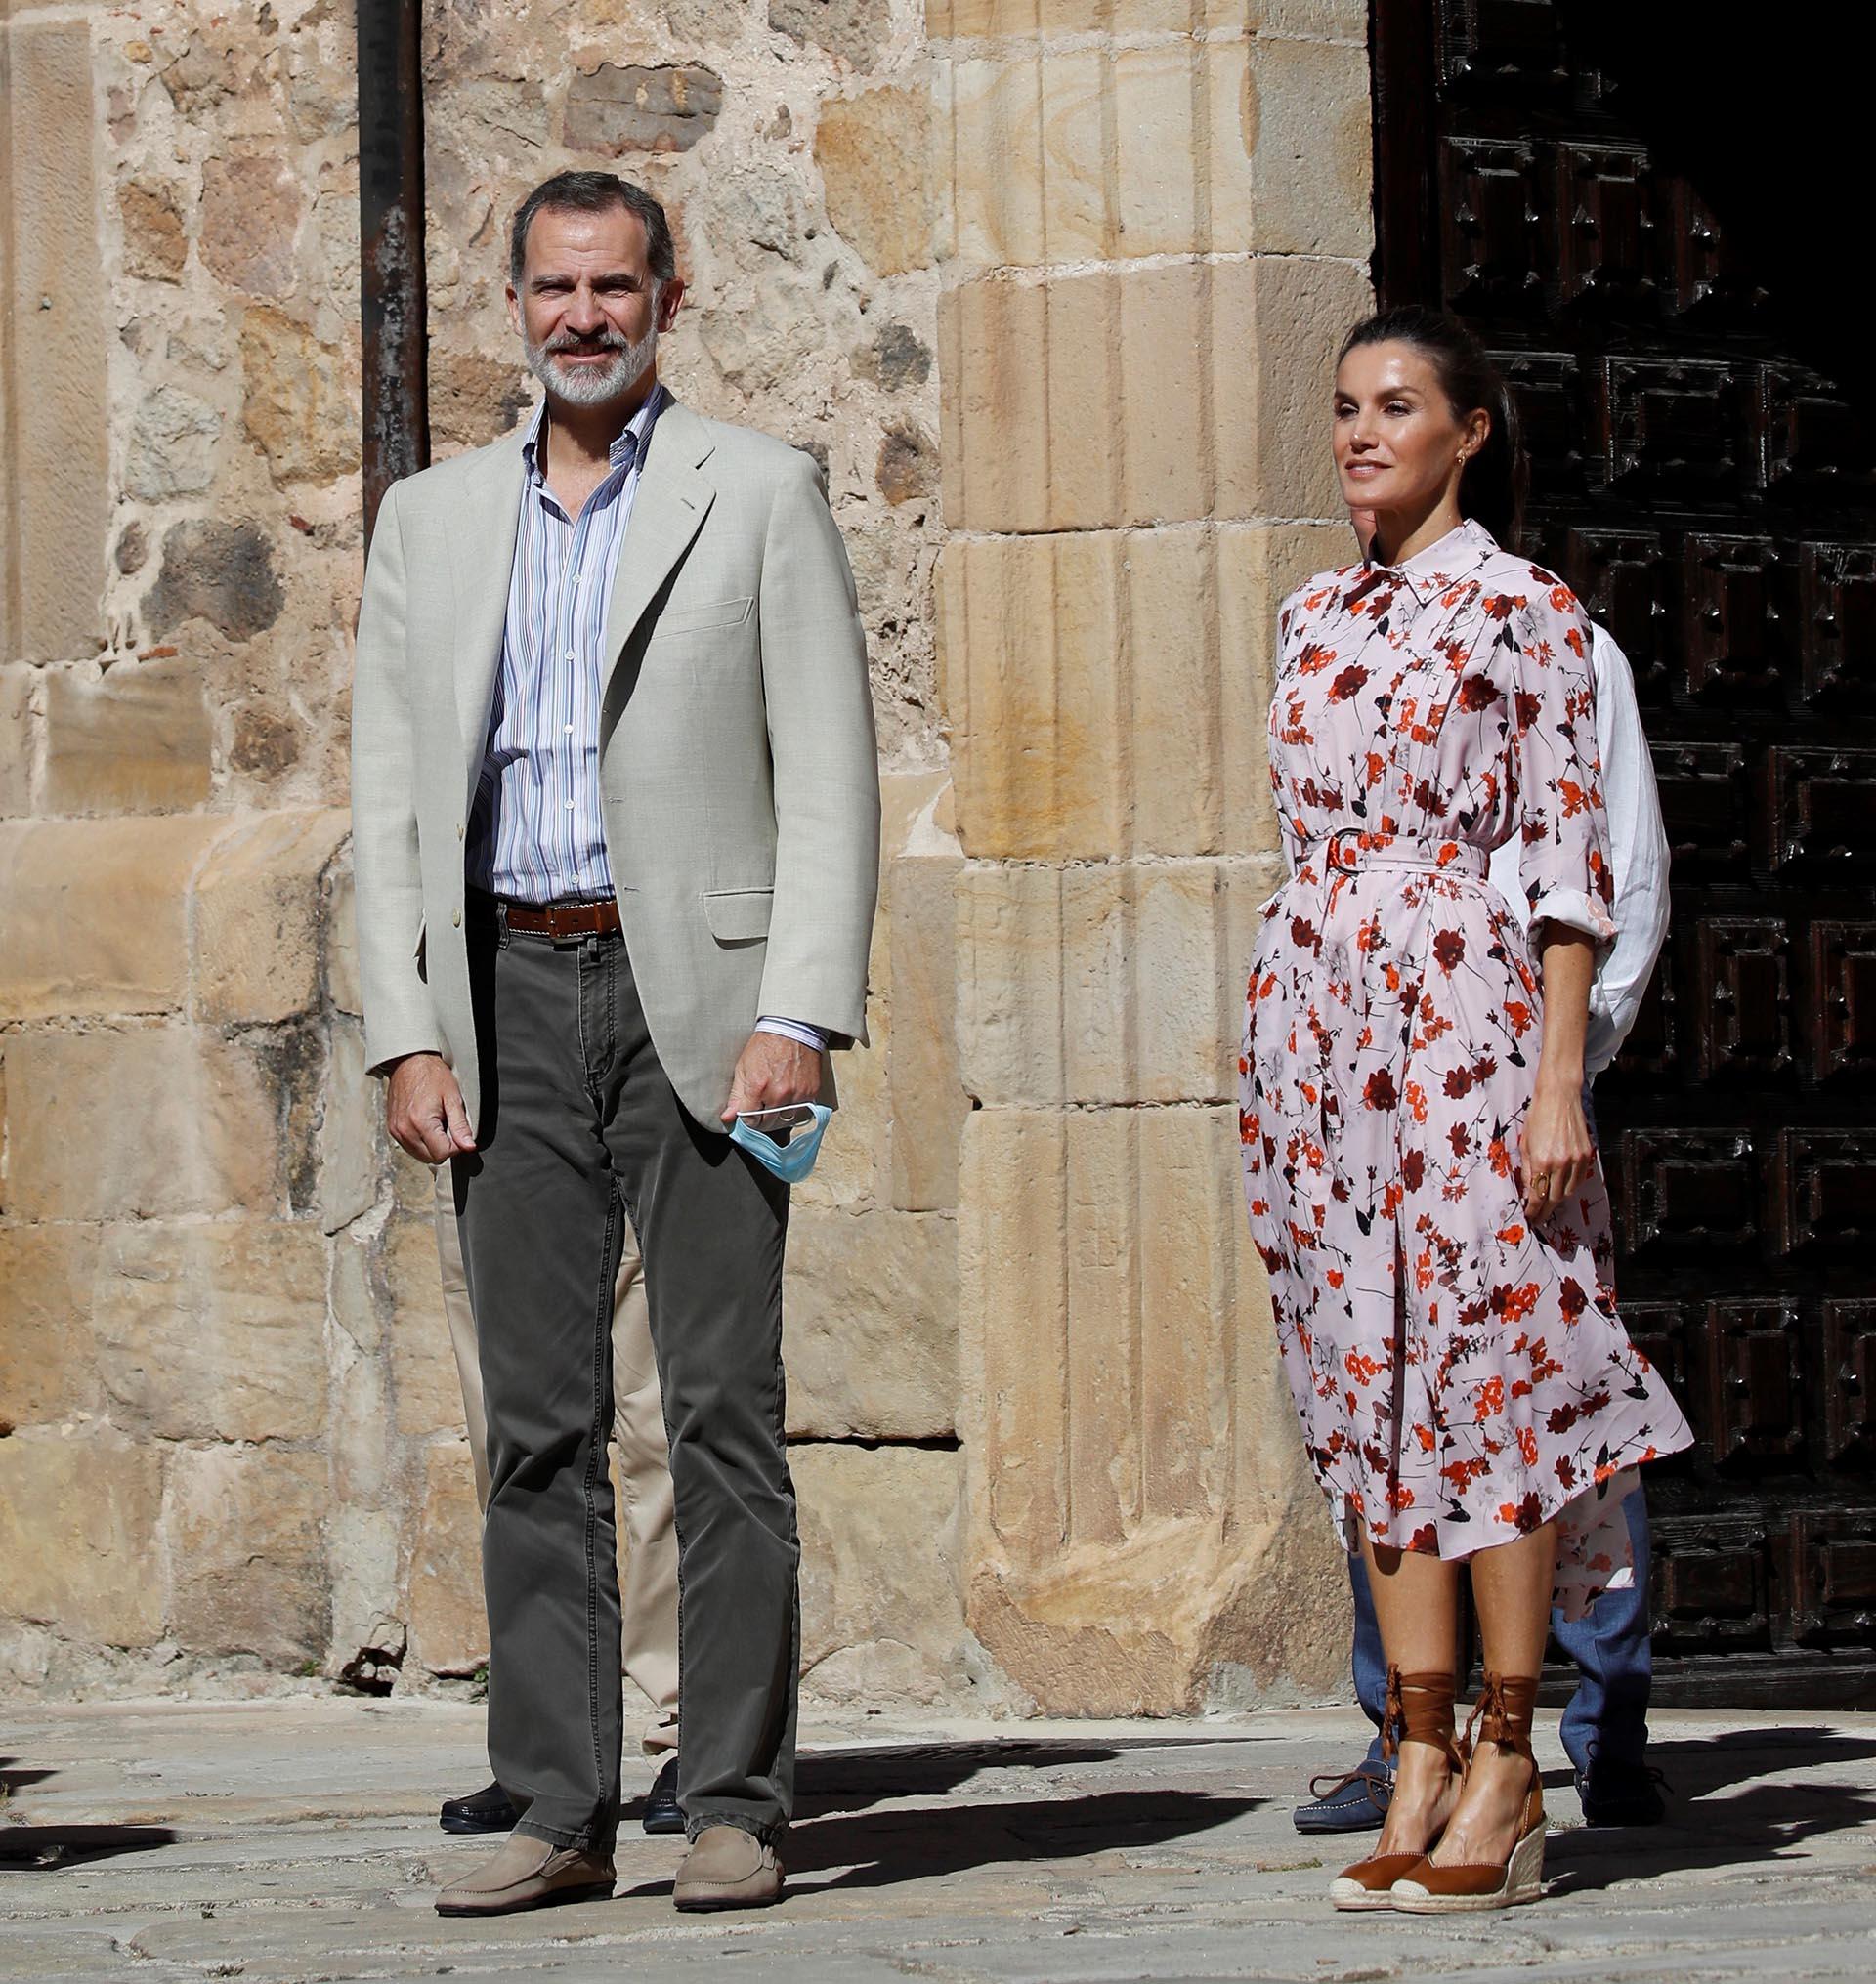 La presencia del rey Felipe VI en Soria: su primera visita a esta provincia, desde su proclamación en junio de 2014. La plataforma Soria ¡Ya! convocó a los vecinos para que luzcan pancartas, banderas y camisetas, para reivindicar las demandas de la provincia, que tiene la menor densidad poblacional de todas las localidades de ese país